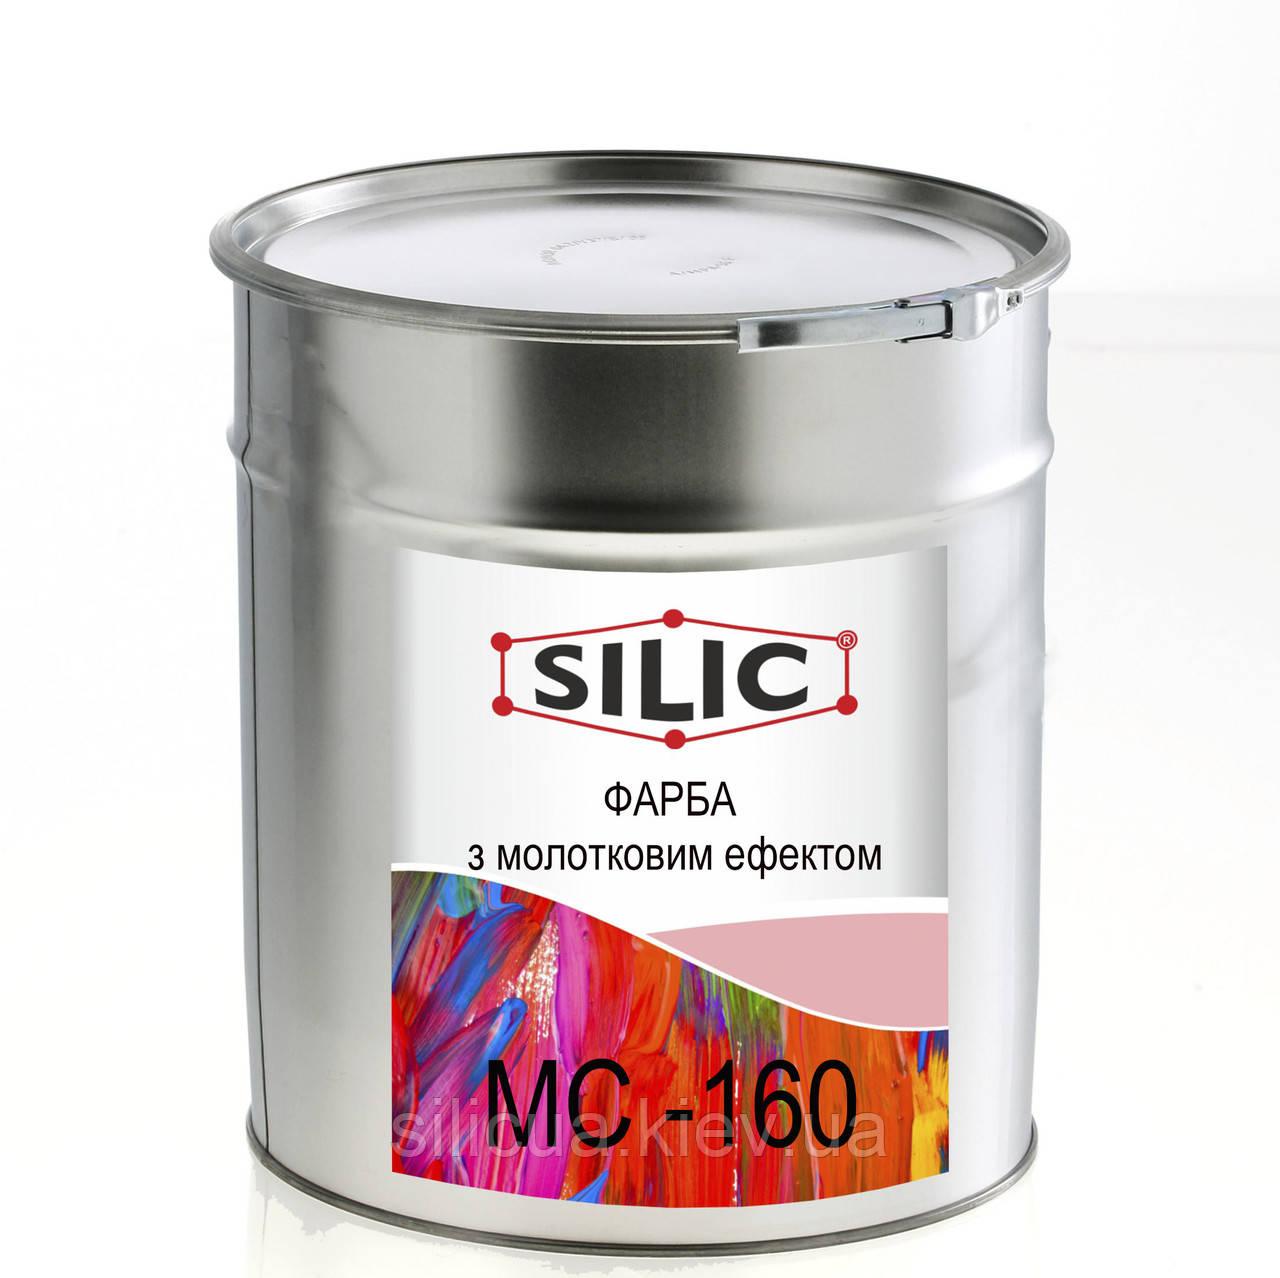 Антикоррозионная краска для металла c молотковым эффектом МC-160